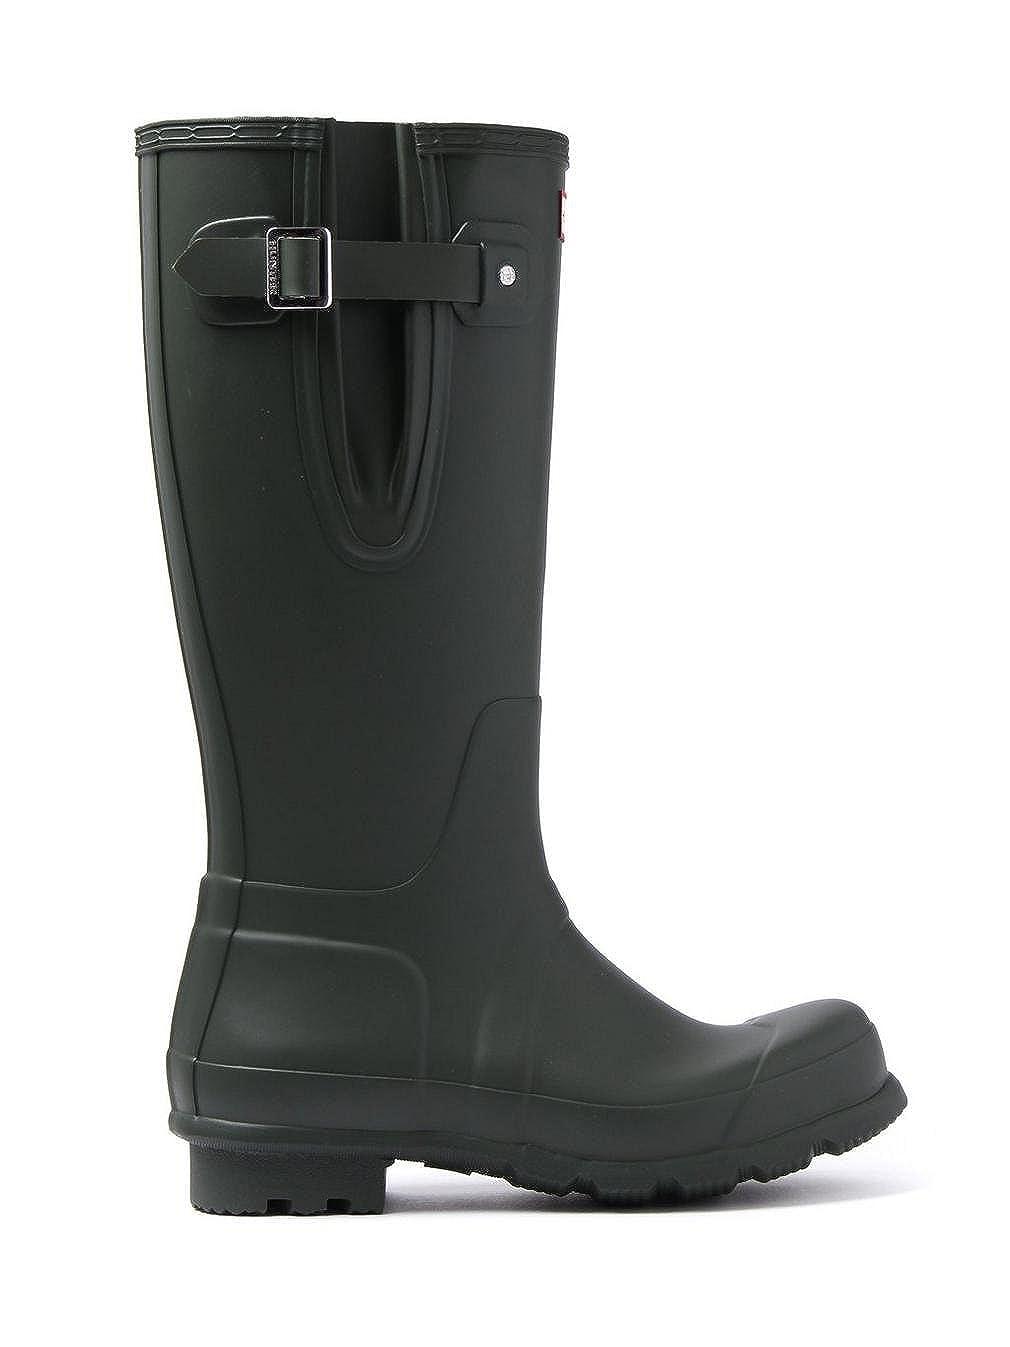 [ハンター] メンズ オリジナル サイドアジャスタブル ブーツ ダークオリーブ MFT9007RMA 25.0 cm  B01M5GAQP4